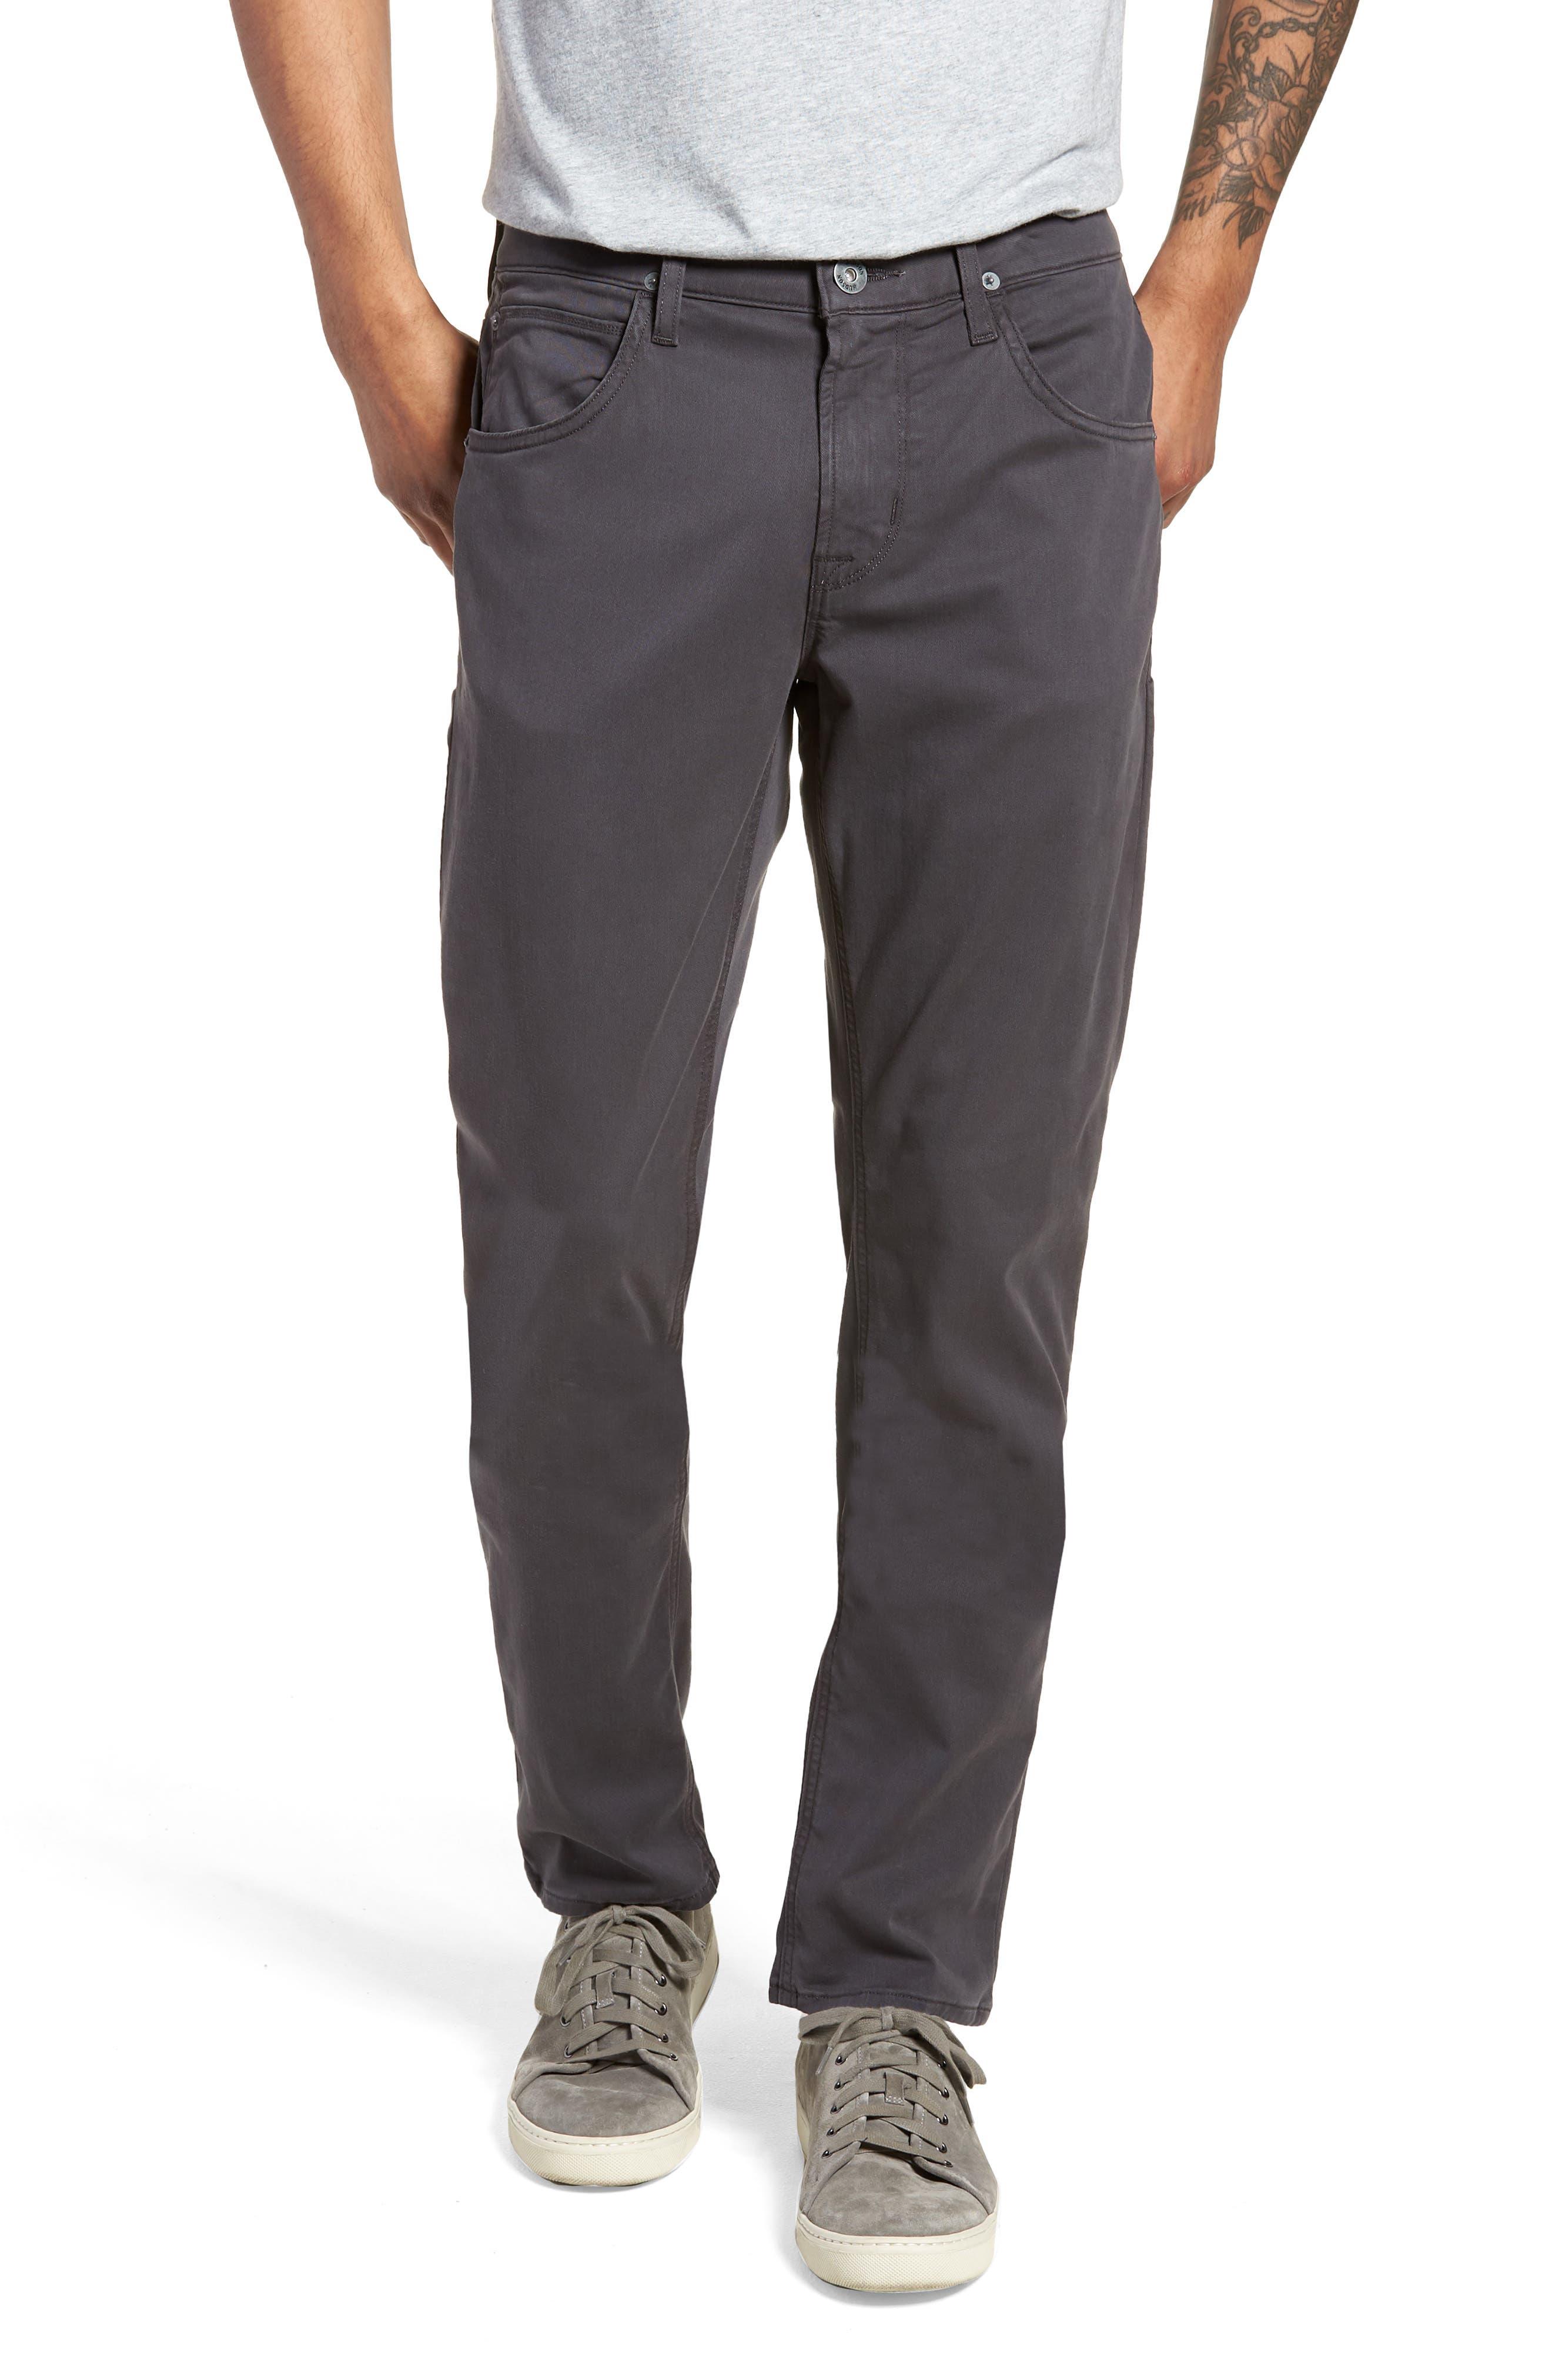 Blake Slim Fit Jeans,                         Main,                         color, Metal